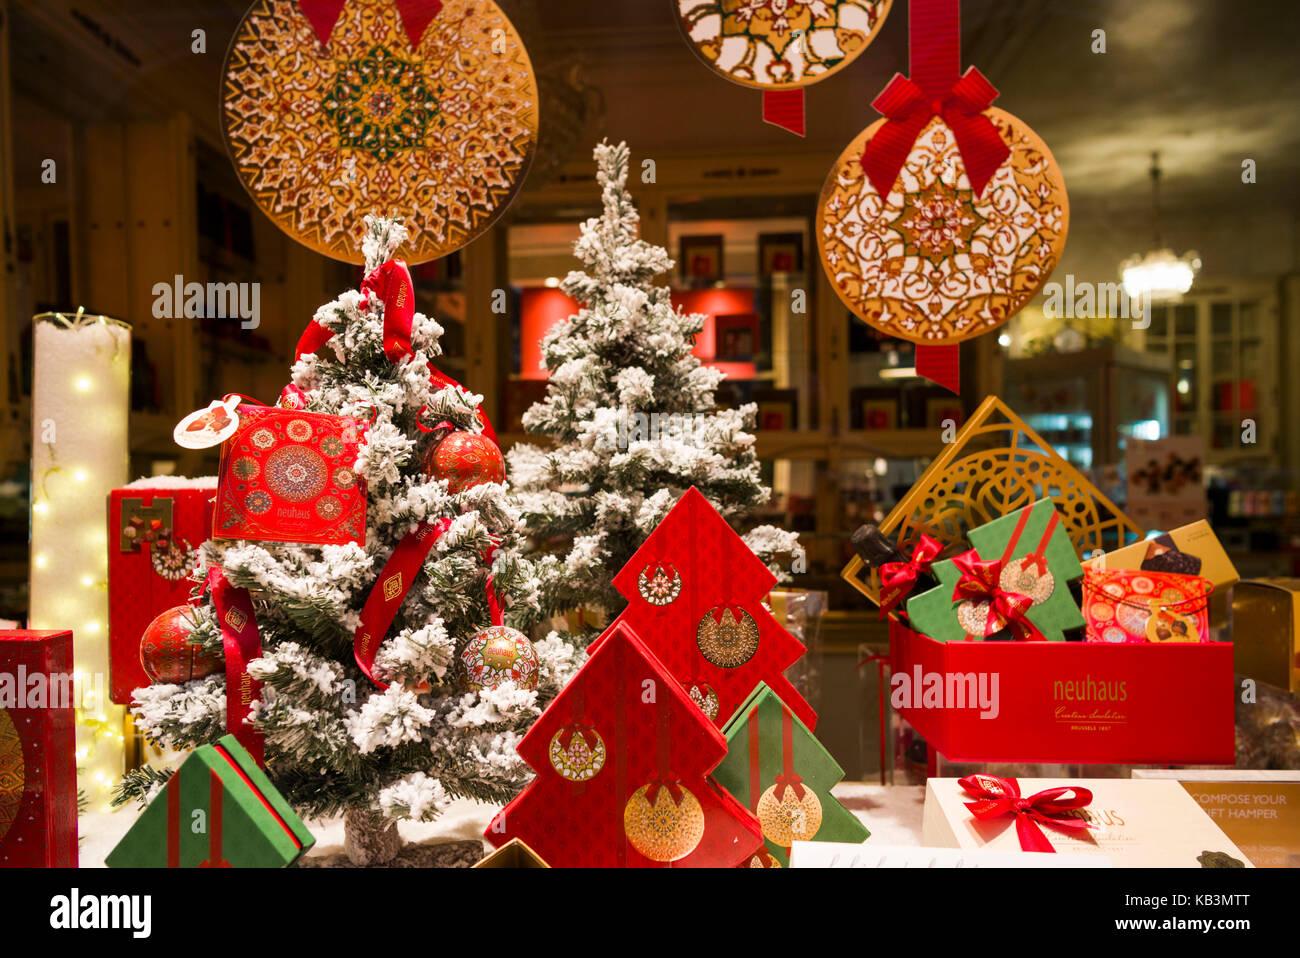 Weihnachtsanzeige Stockfotos & Weihnachtsanzeige Bilder - Alamy